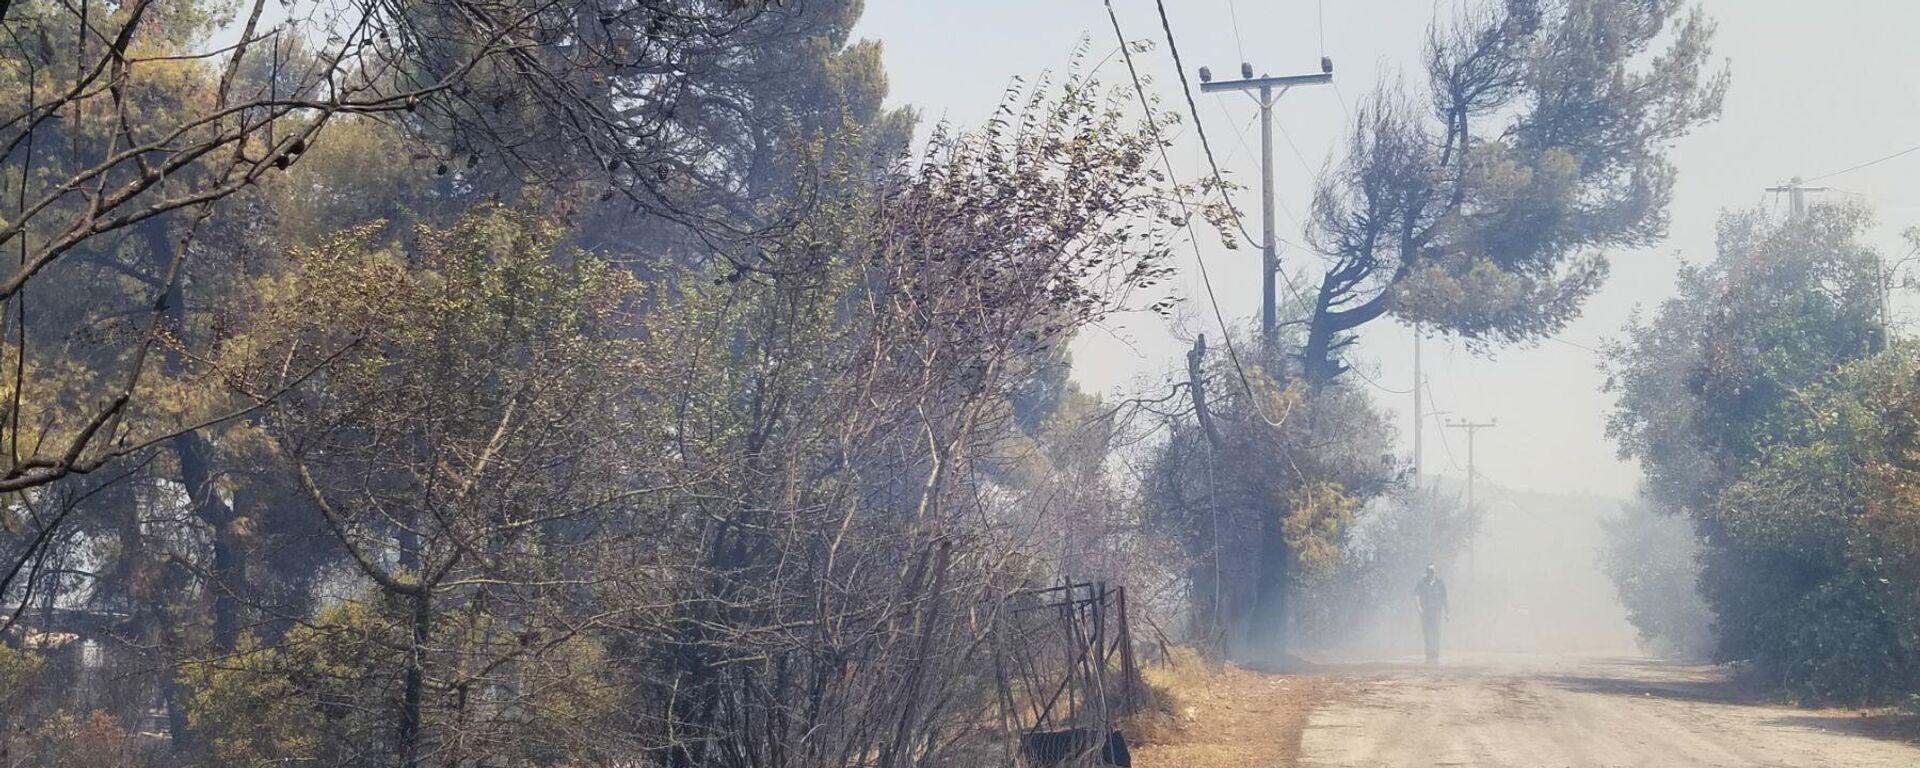 Πυρκαγιά στη Σταμάτα - Sputnik Ελλάδα, 1920, 27.07.2021